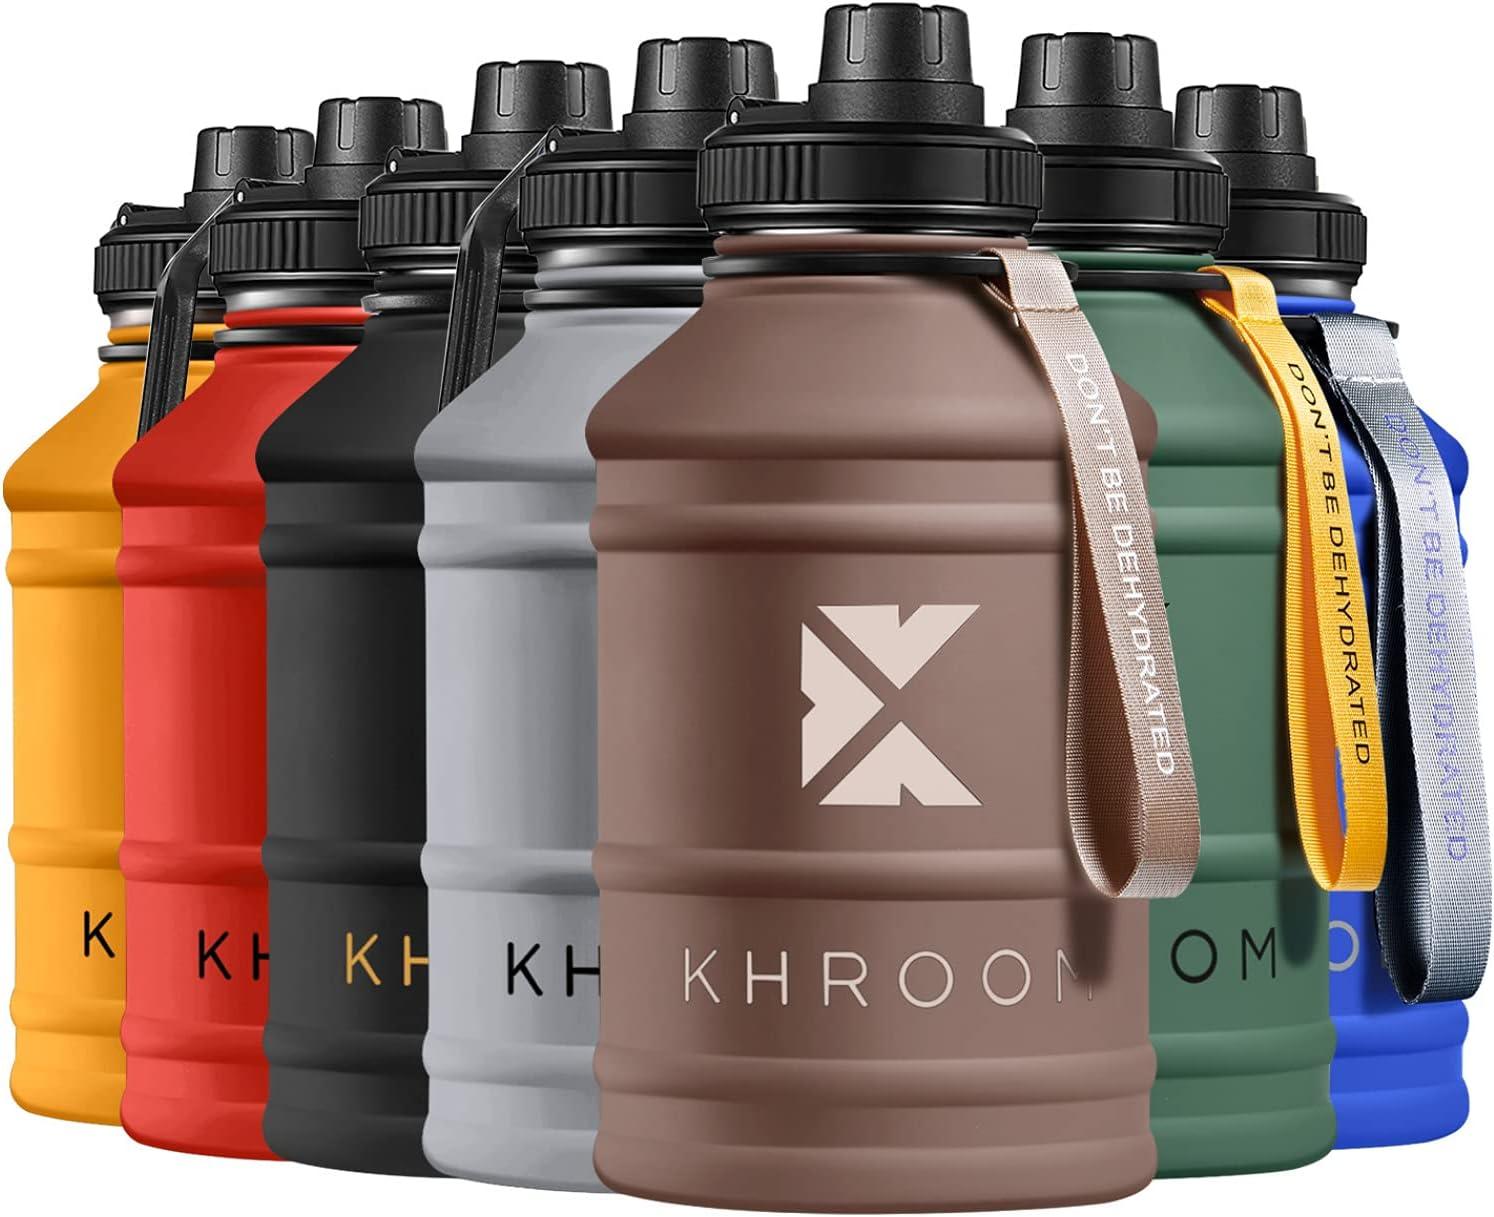 Khroom® Botella de Agua XXL de 2.2 litros de Acero Inoxidable | Adecuado Ácido Carbónico | Libre de BPA | Botella de Fitness de 2L para deportes, gimnasia y ocio (Marrón)